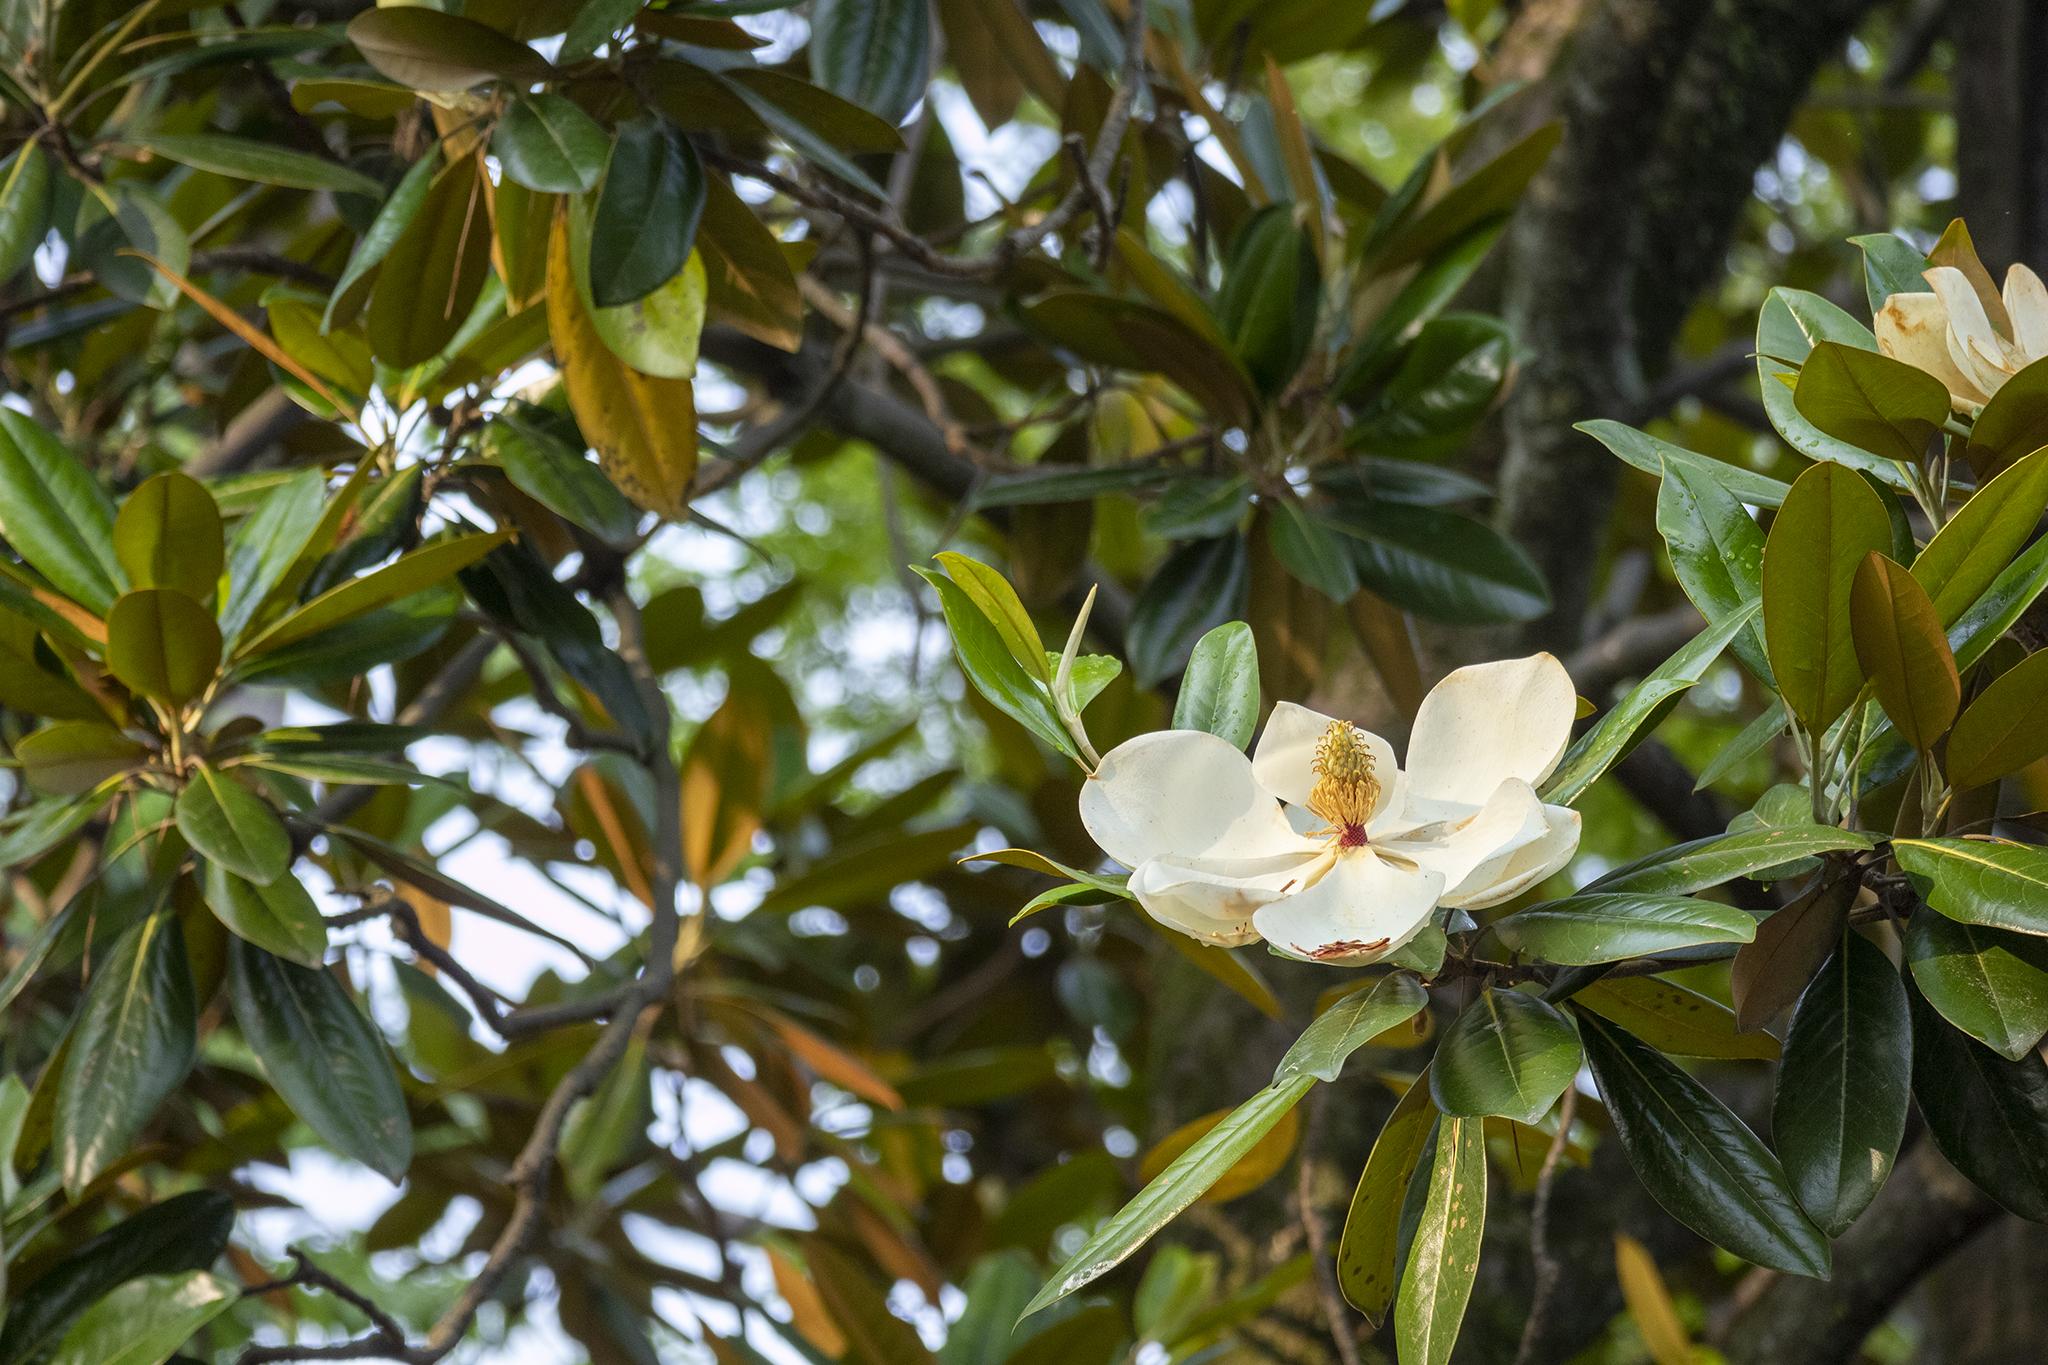 京都御苑に咲くタイサンボク